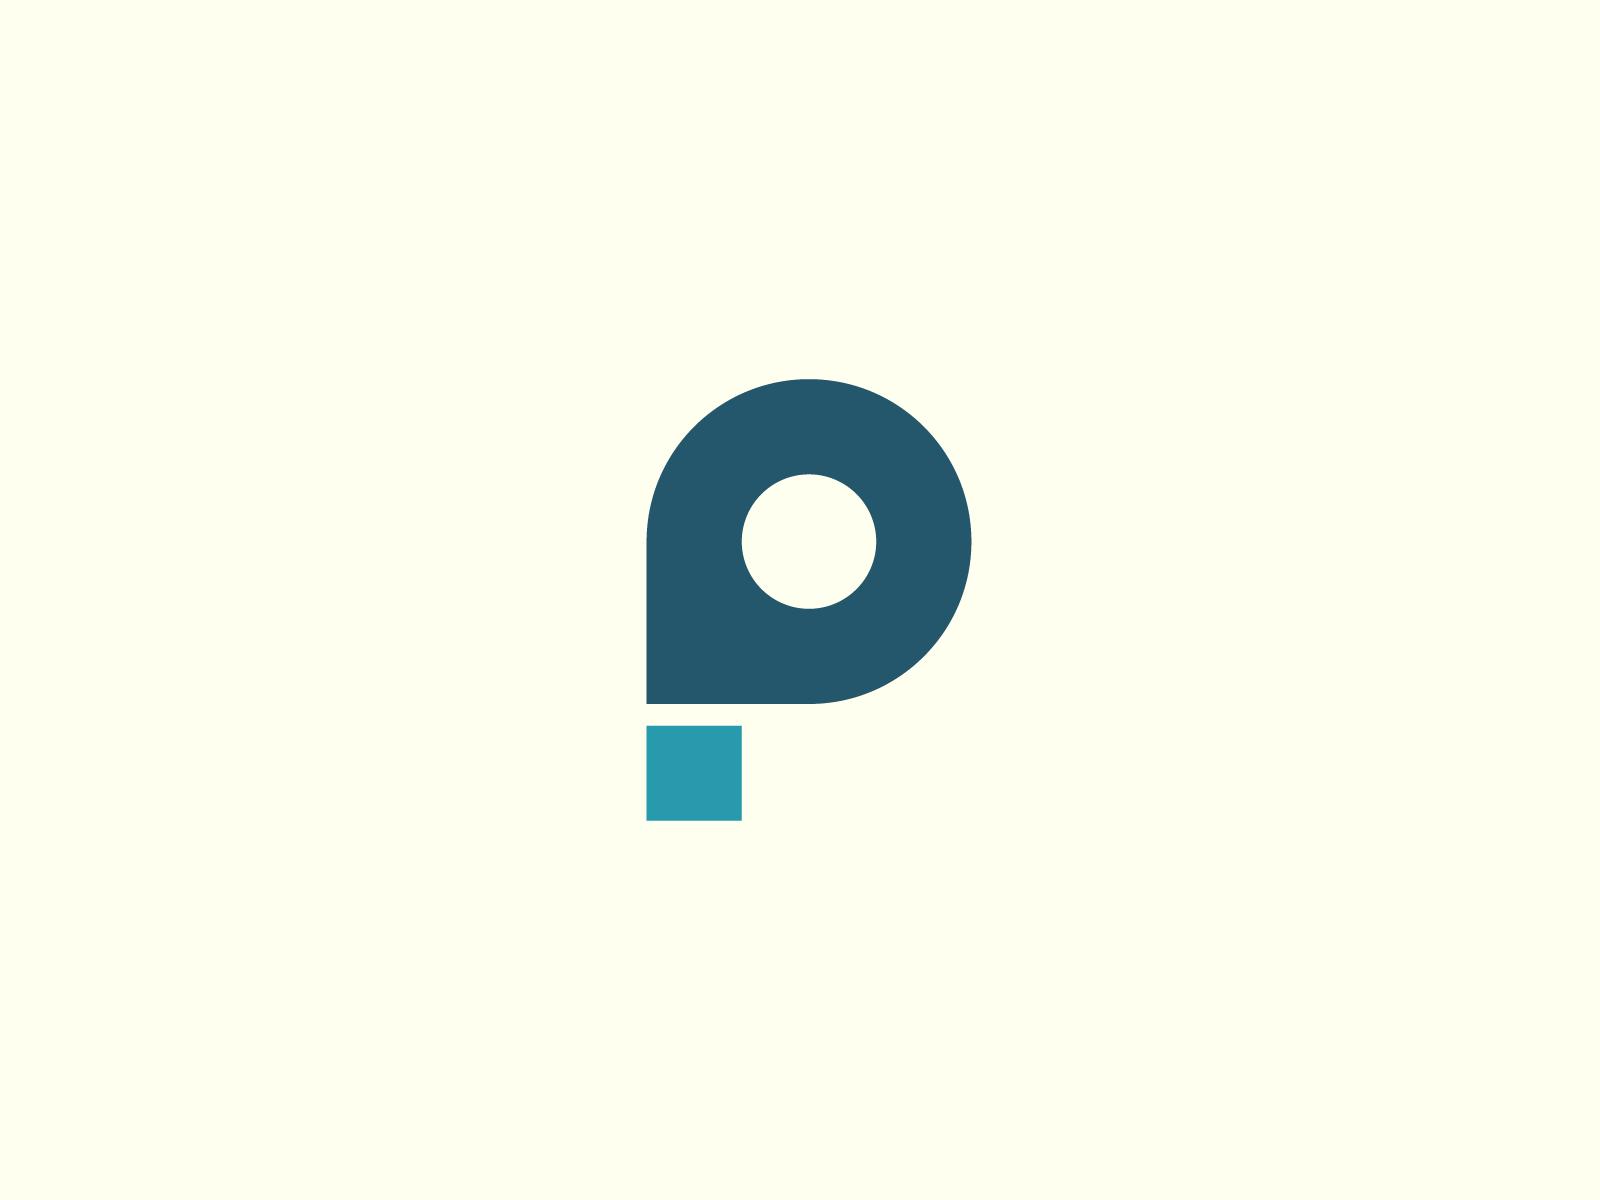 Pin p